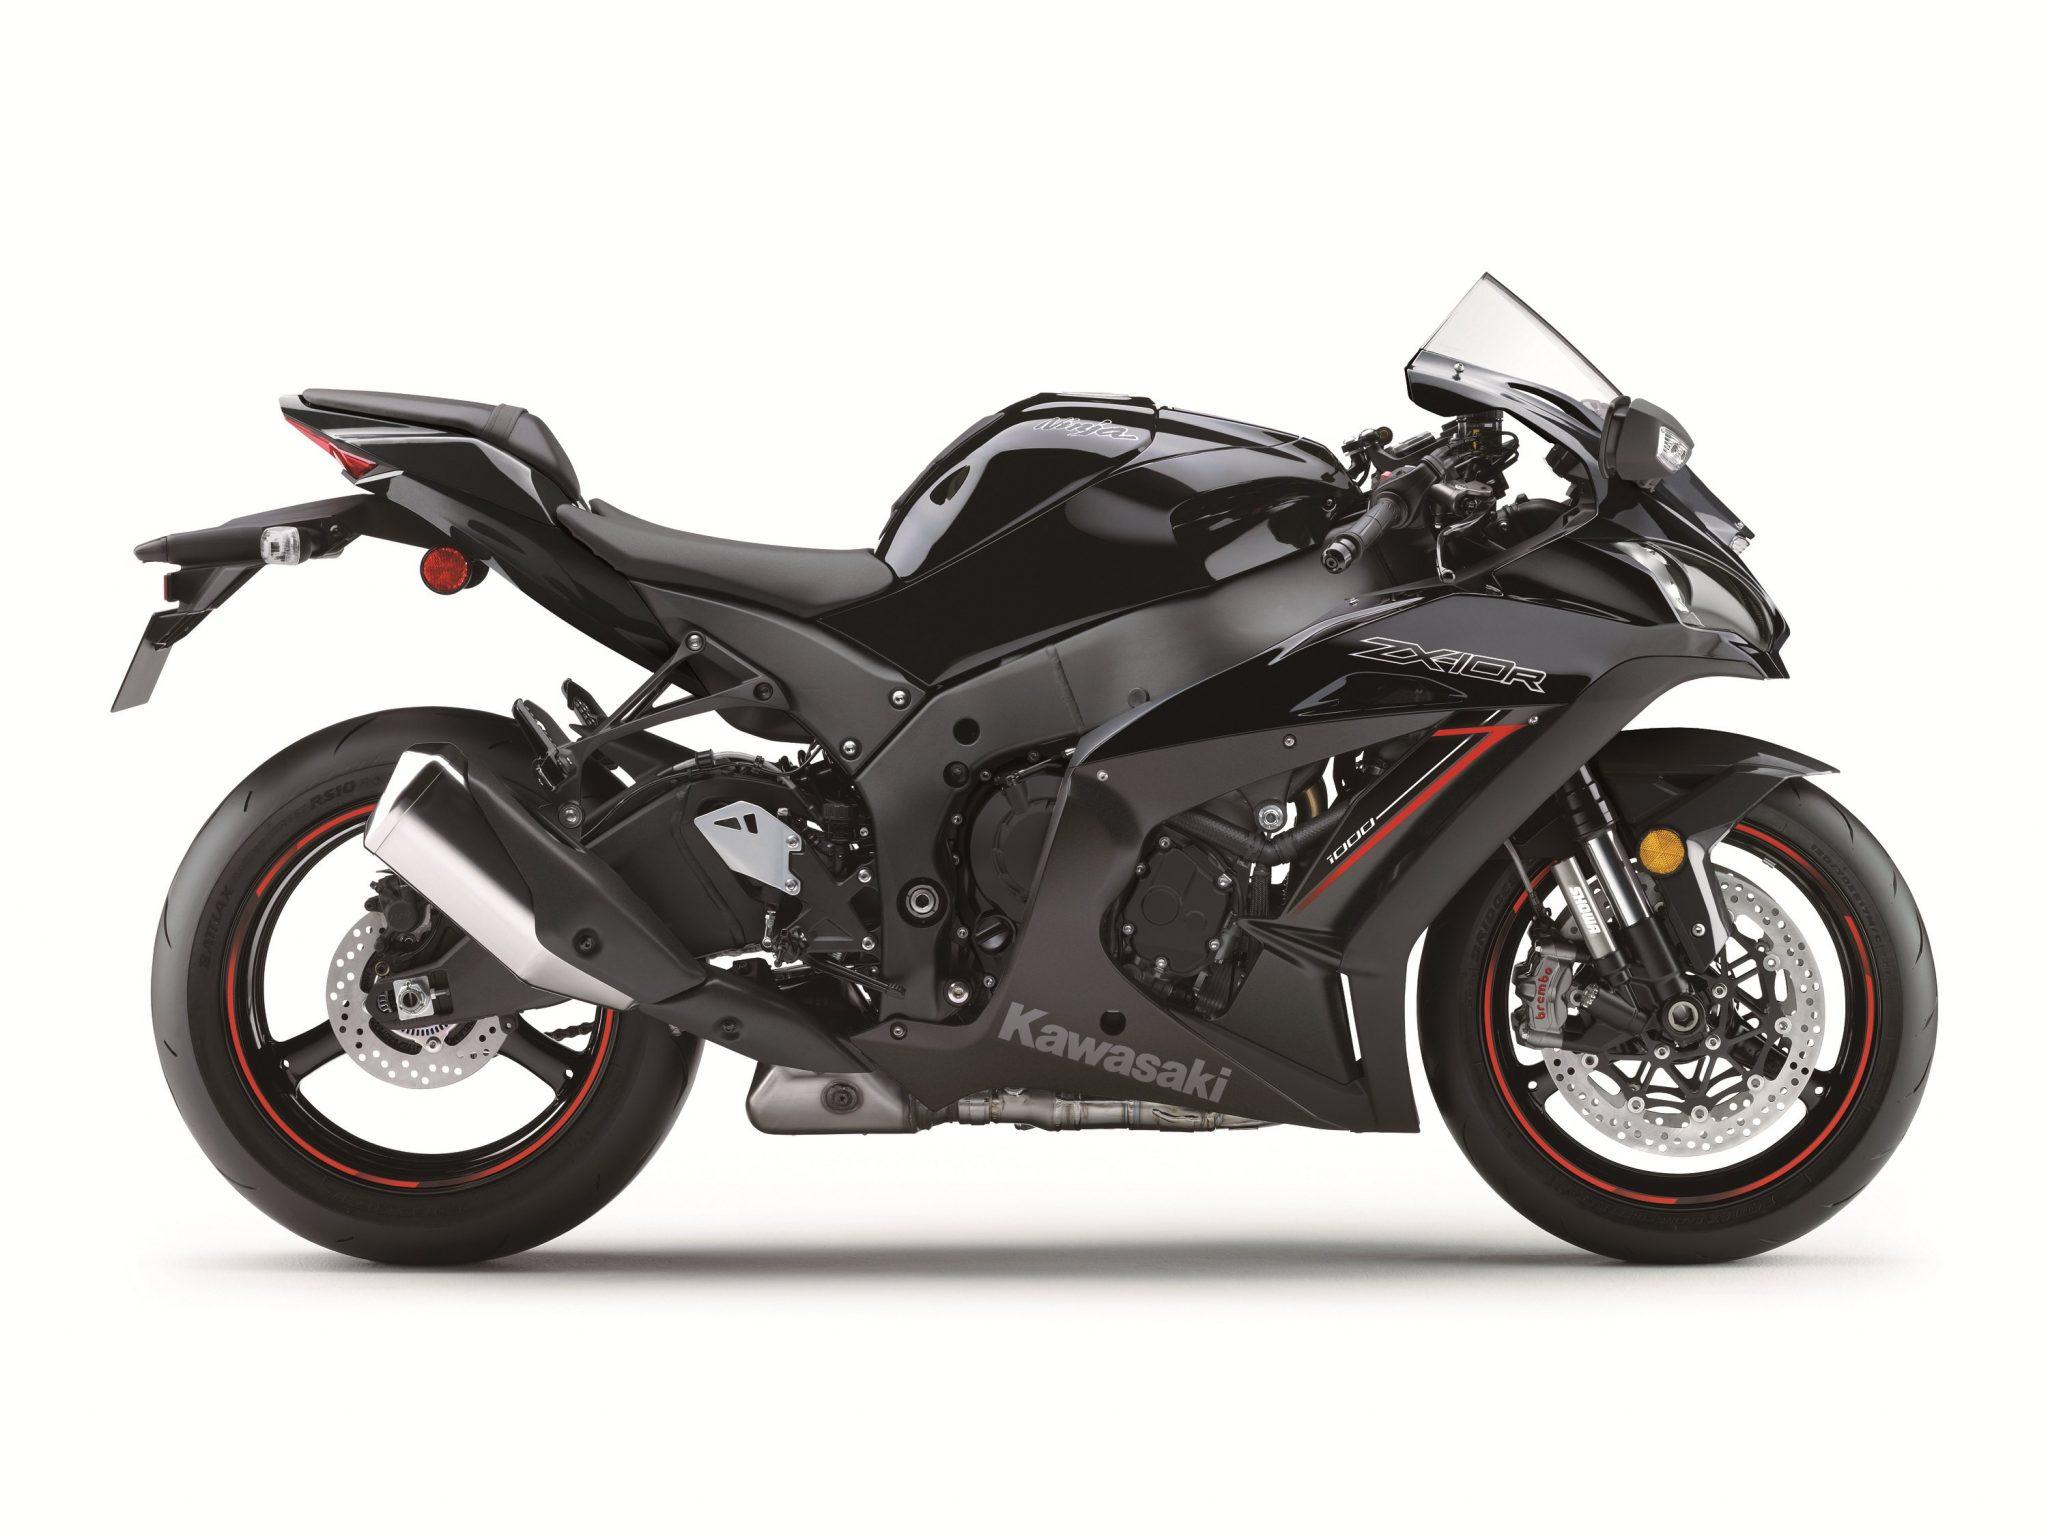 2020 Kawasaki Ninja Zx 10r Specs Info Wbw